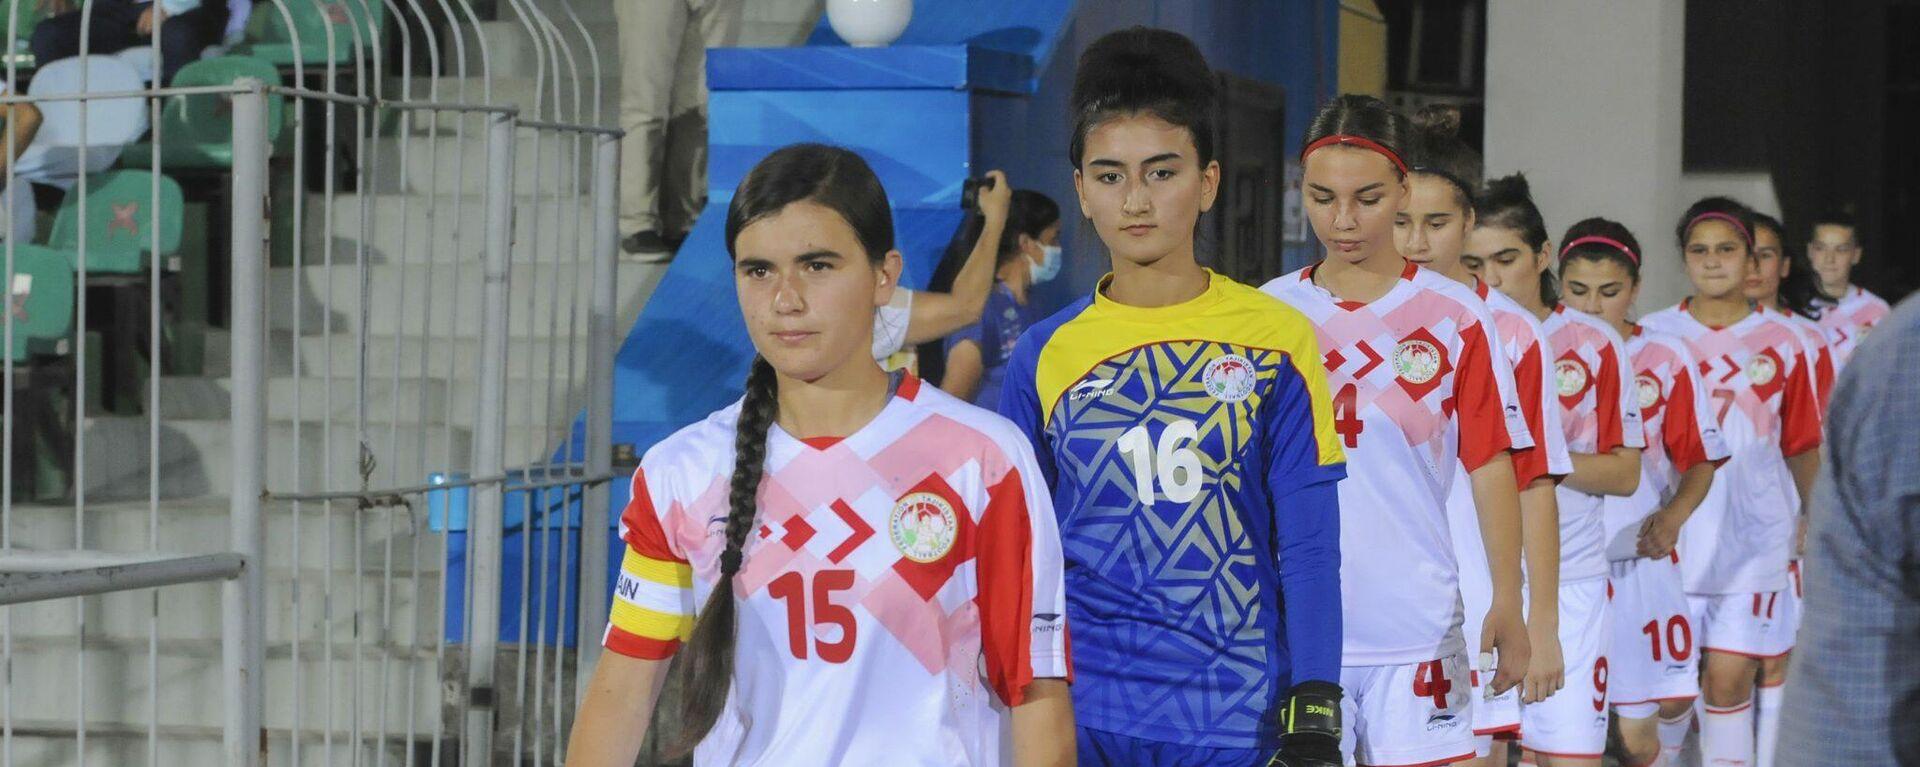 Молодежная женская футбольная сборная Таджикистана - Sputnik Таджикистан, 1920, 18.06.2021